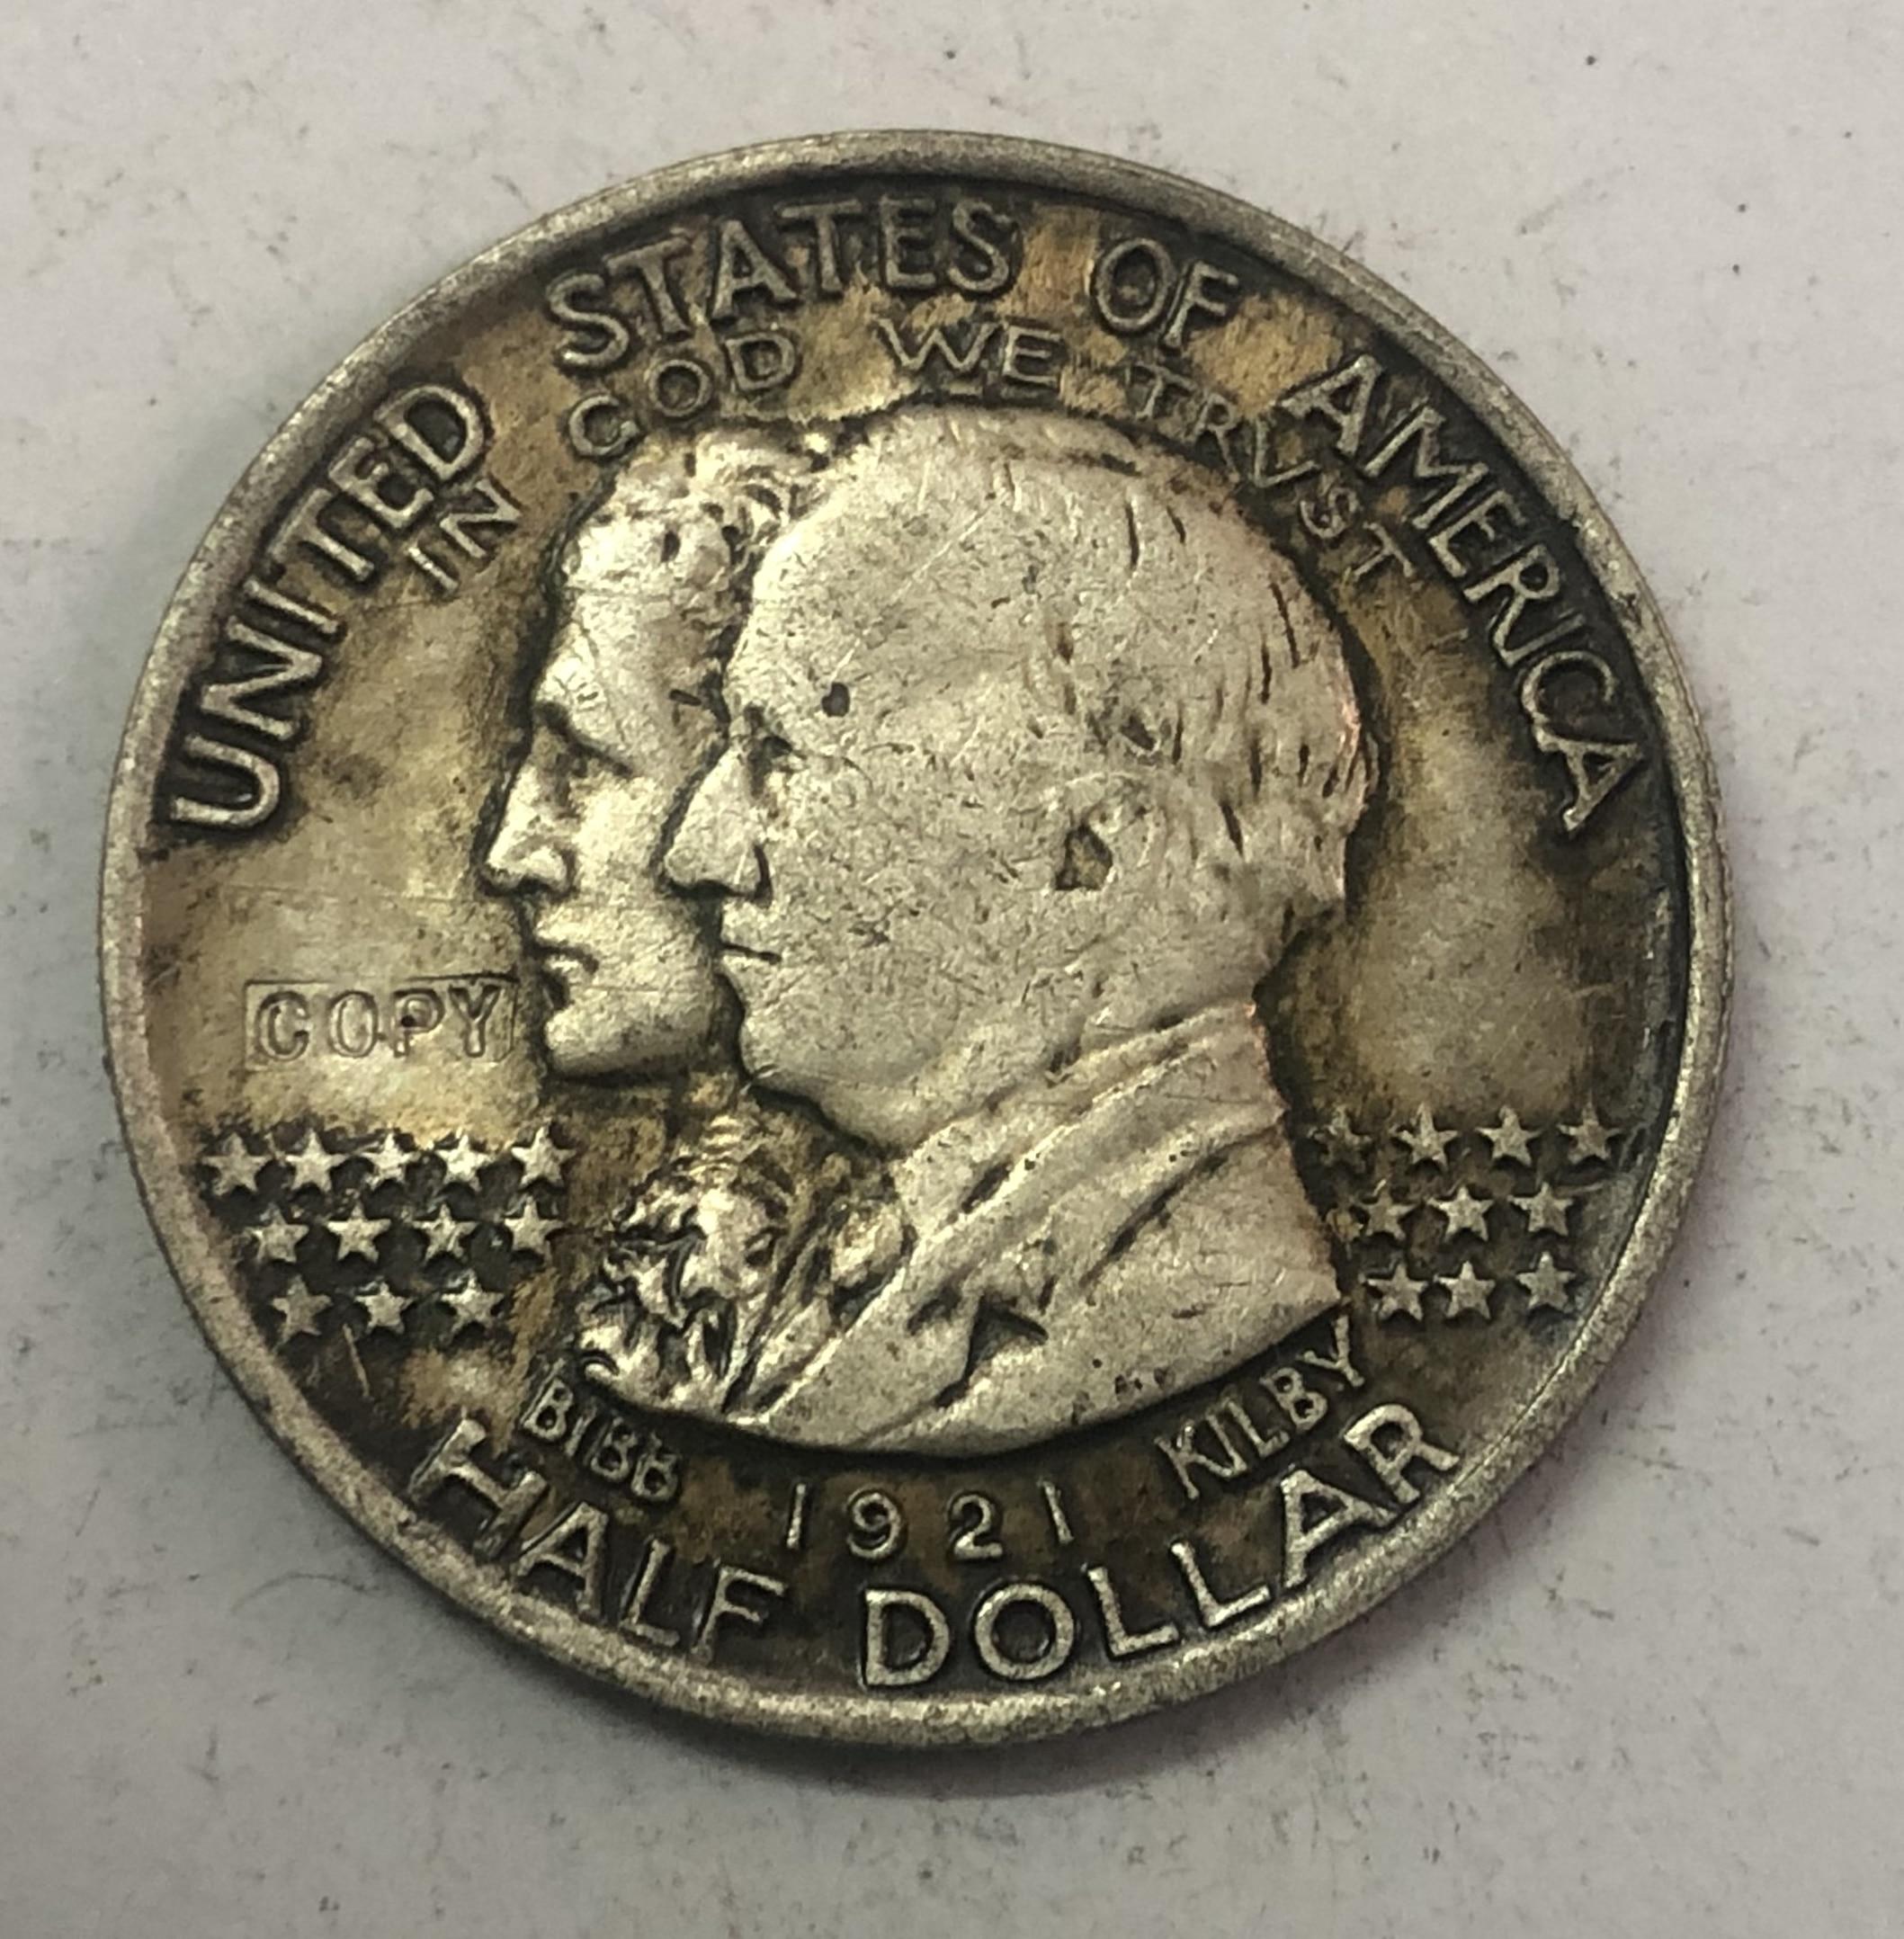 1921 Estados Unidos medio dólar Alabama Centennial